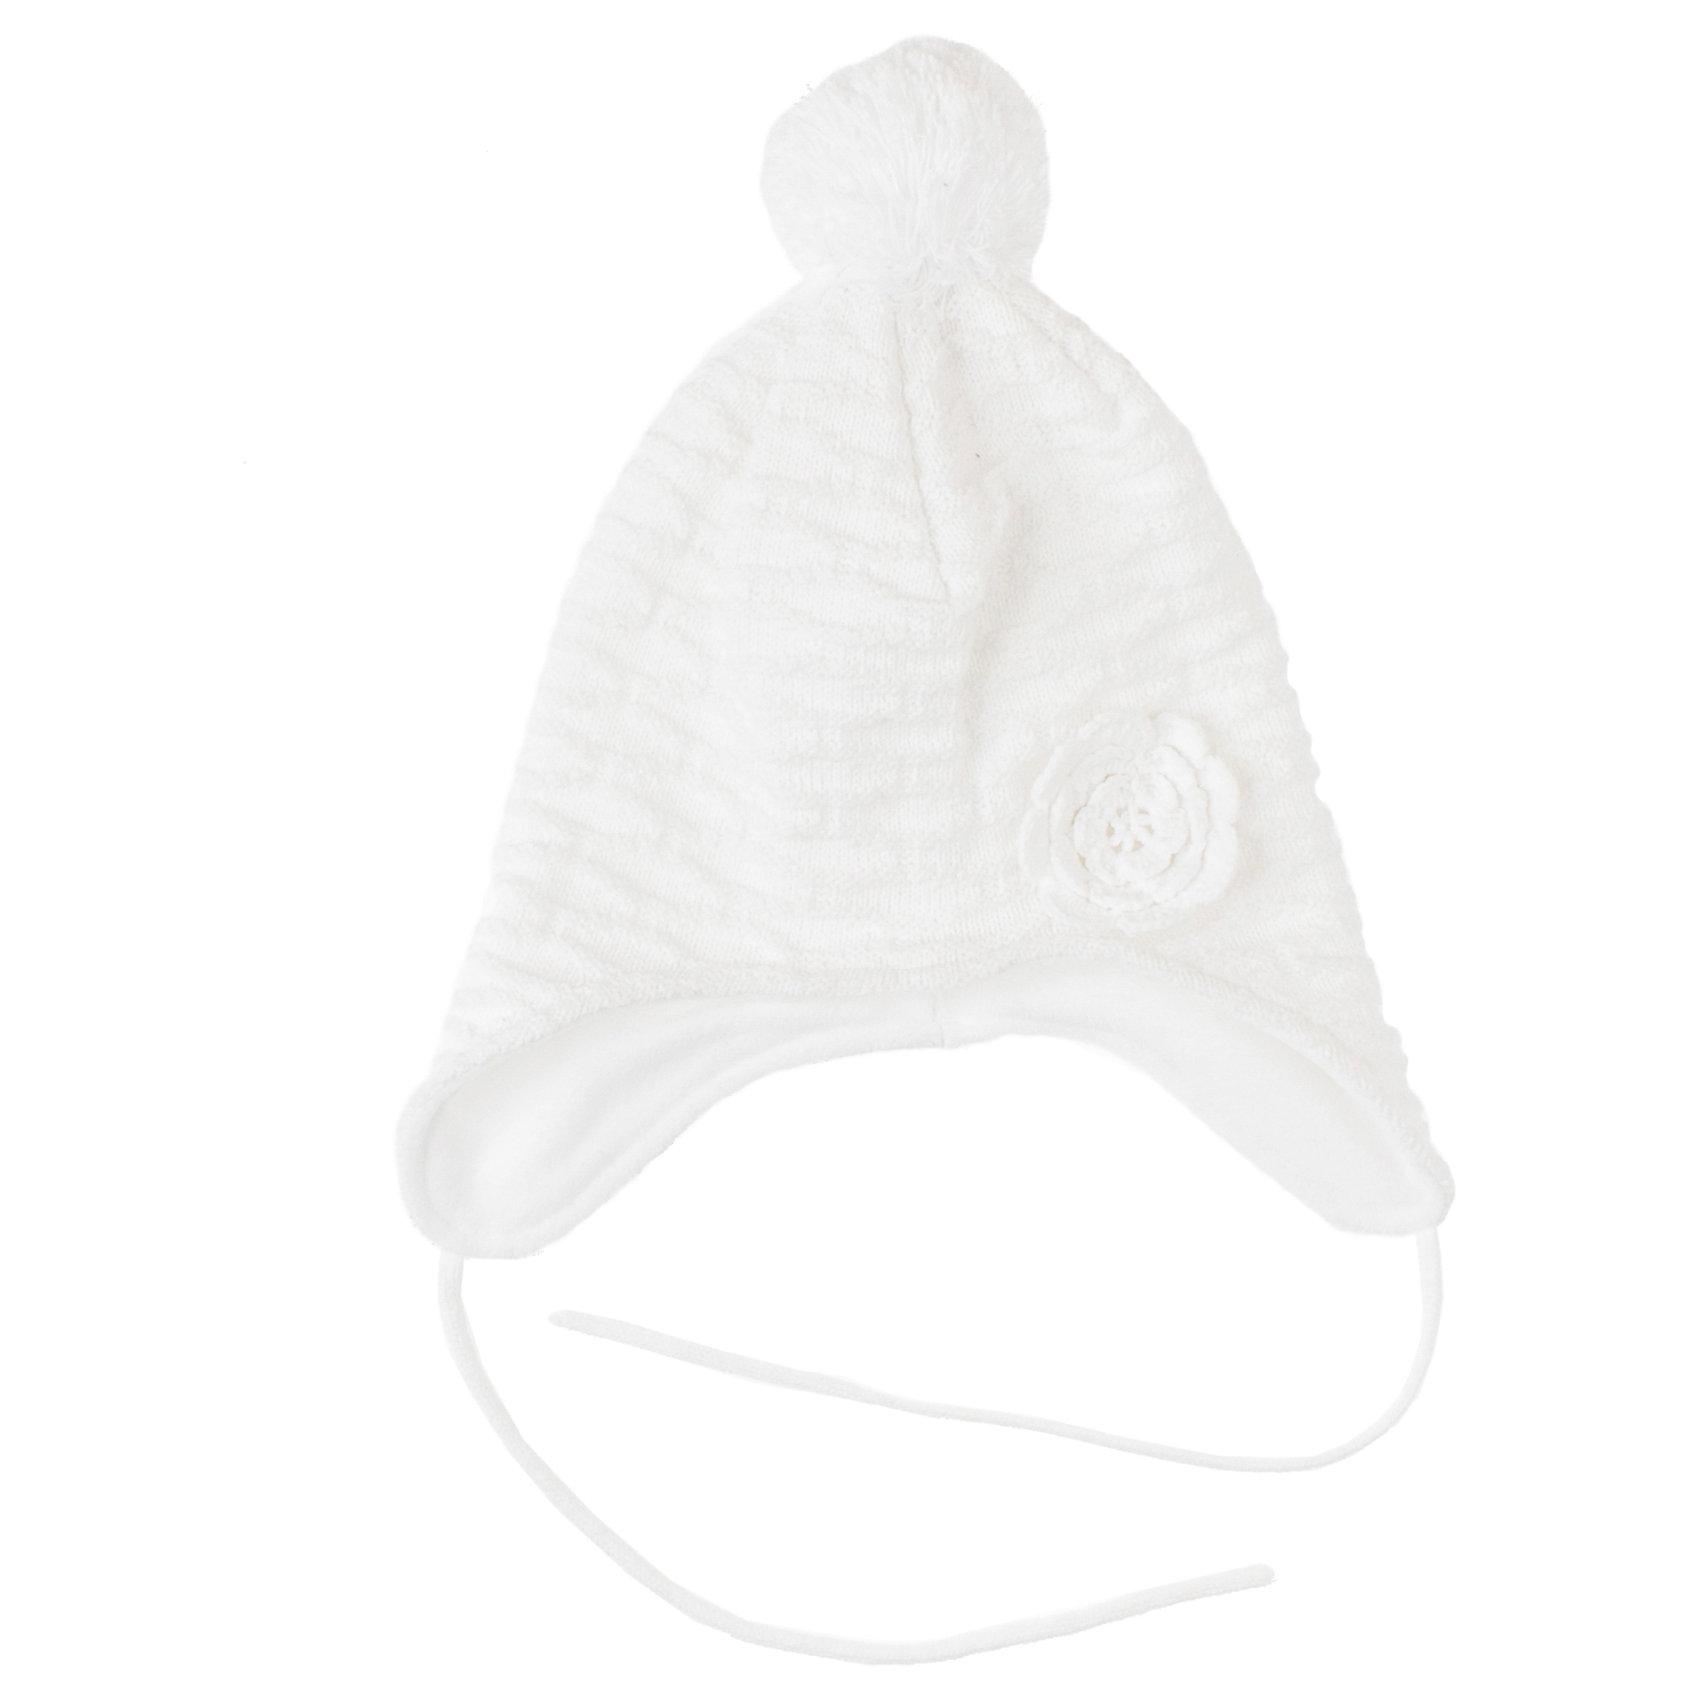 Шапка для девочки PlayTodayДемисезонные<br>Шапка для девочки PlayToday Трикотажная теплая шапка с подкладкой из флиса. Есть завязки. Украшена помпоном и объемной вязкой. Состав: Верх: 60% хлопок, 40% акрил Подкладка: 100% полиэстер<br><br>Ширина мм: 89<br>Глубина мм: 117<br>Высота мм: 44<br>Вес г: 155<br>Цвет: белый<br>Возраст от месяцев: 48<br>Возраст до месяцев: 60<br>Пол: Женский<br>Возраст: Детский<br>Размер: 52,54,50<br>SKU: 4228849